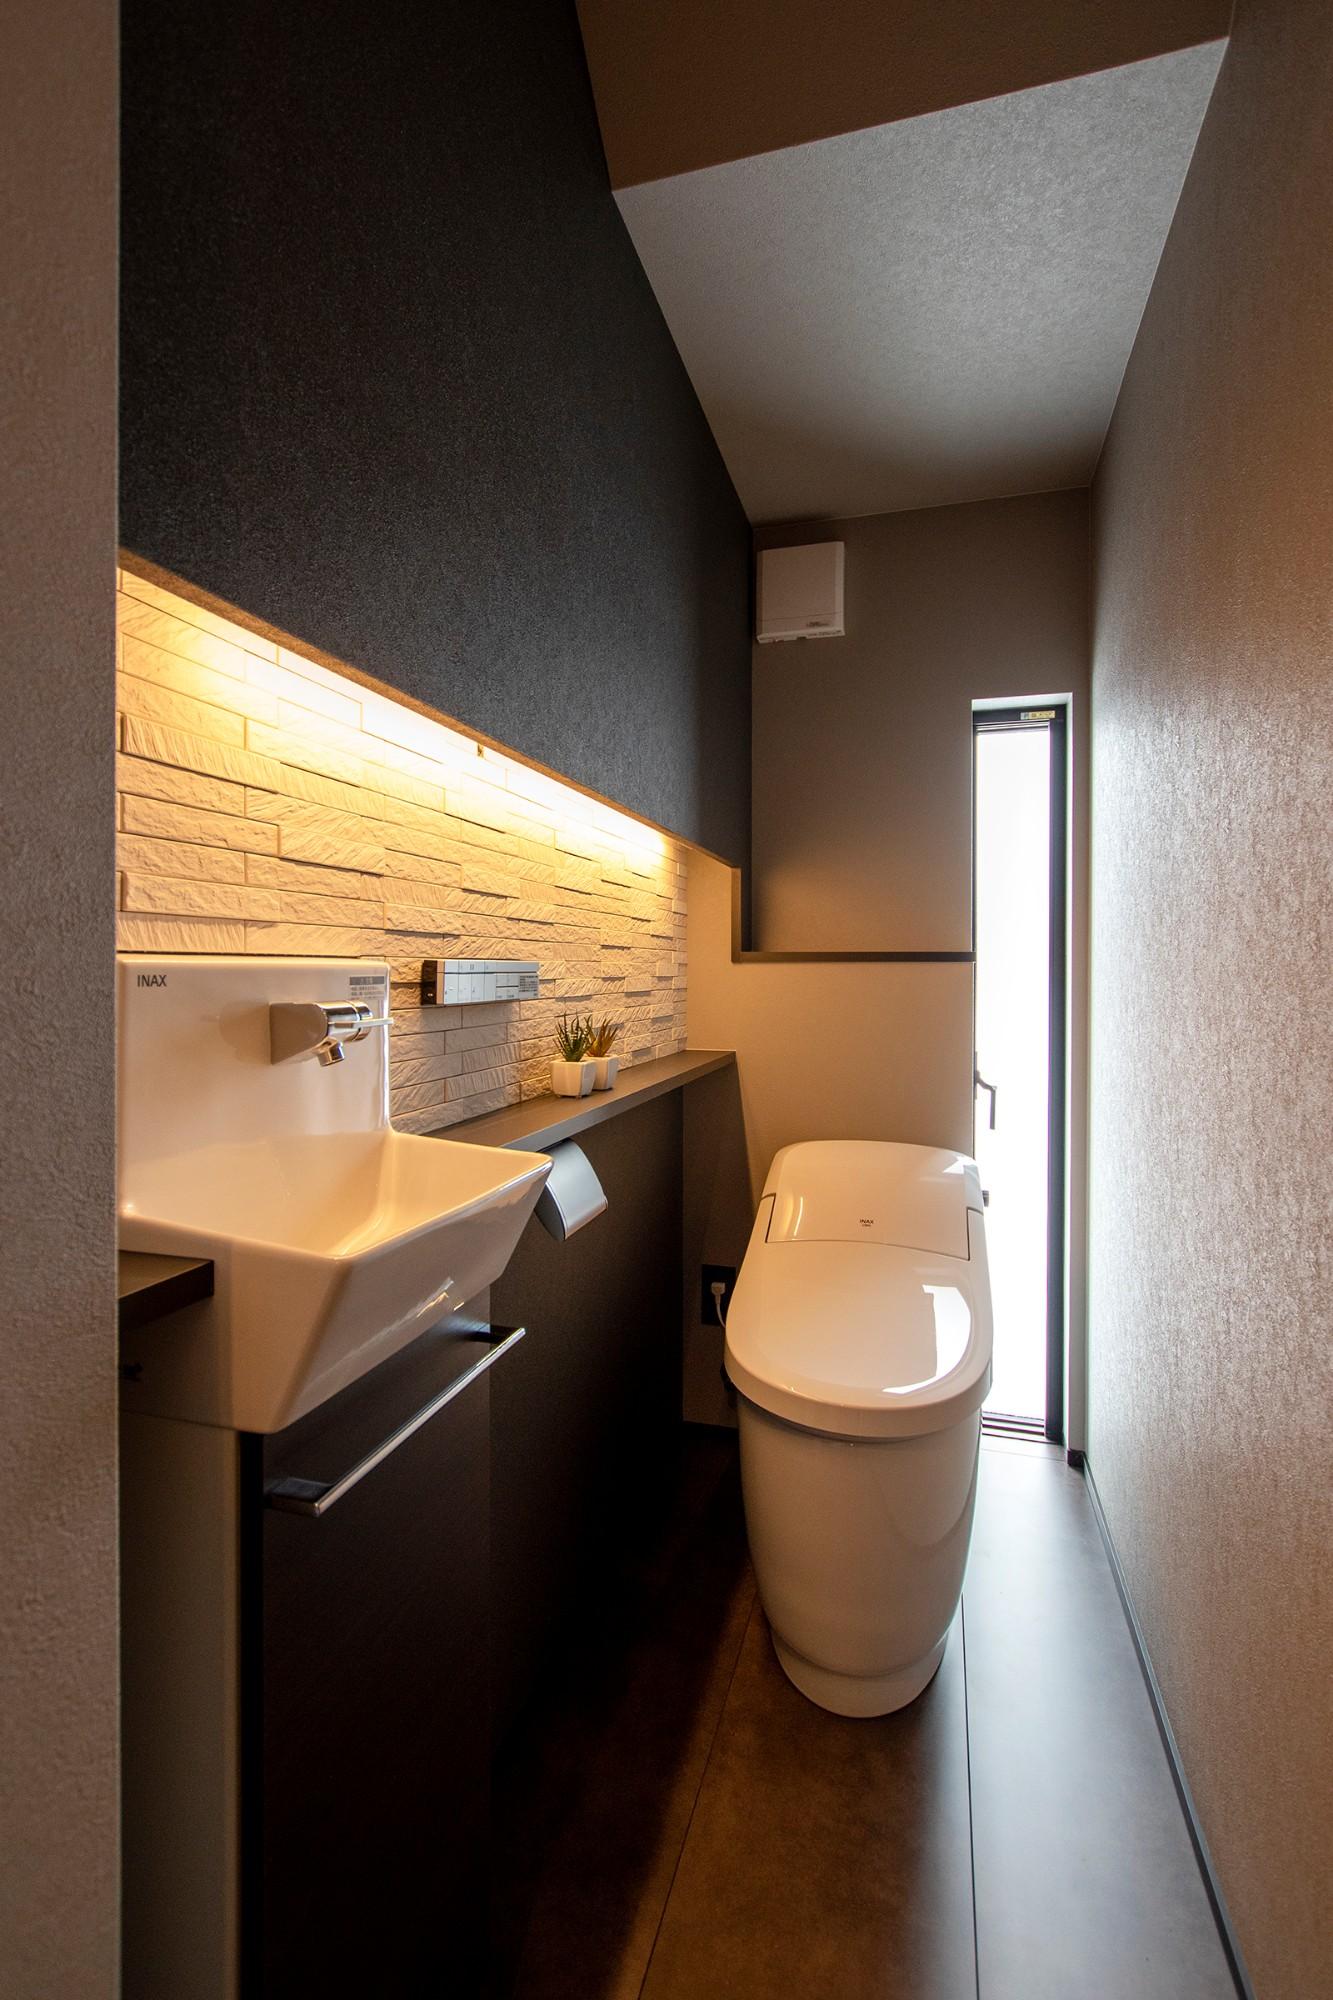 DETAIL HOME(ディテールホーム)「光が降りそそぐ開放感のある家」のシンプル・ナチュラルなトイレの実例写真